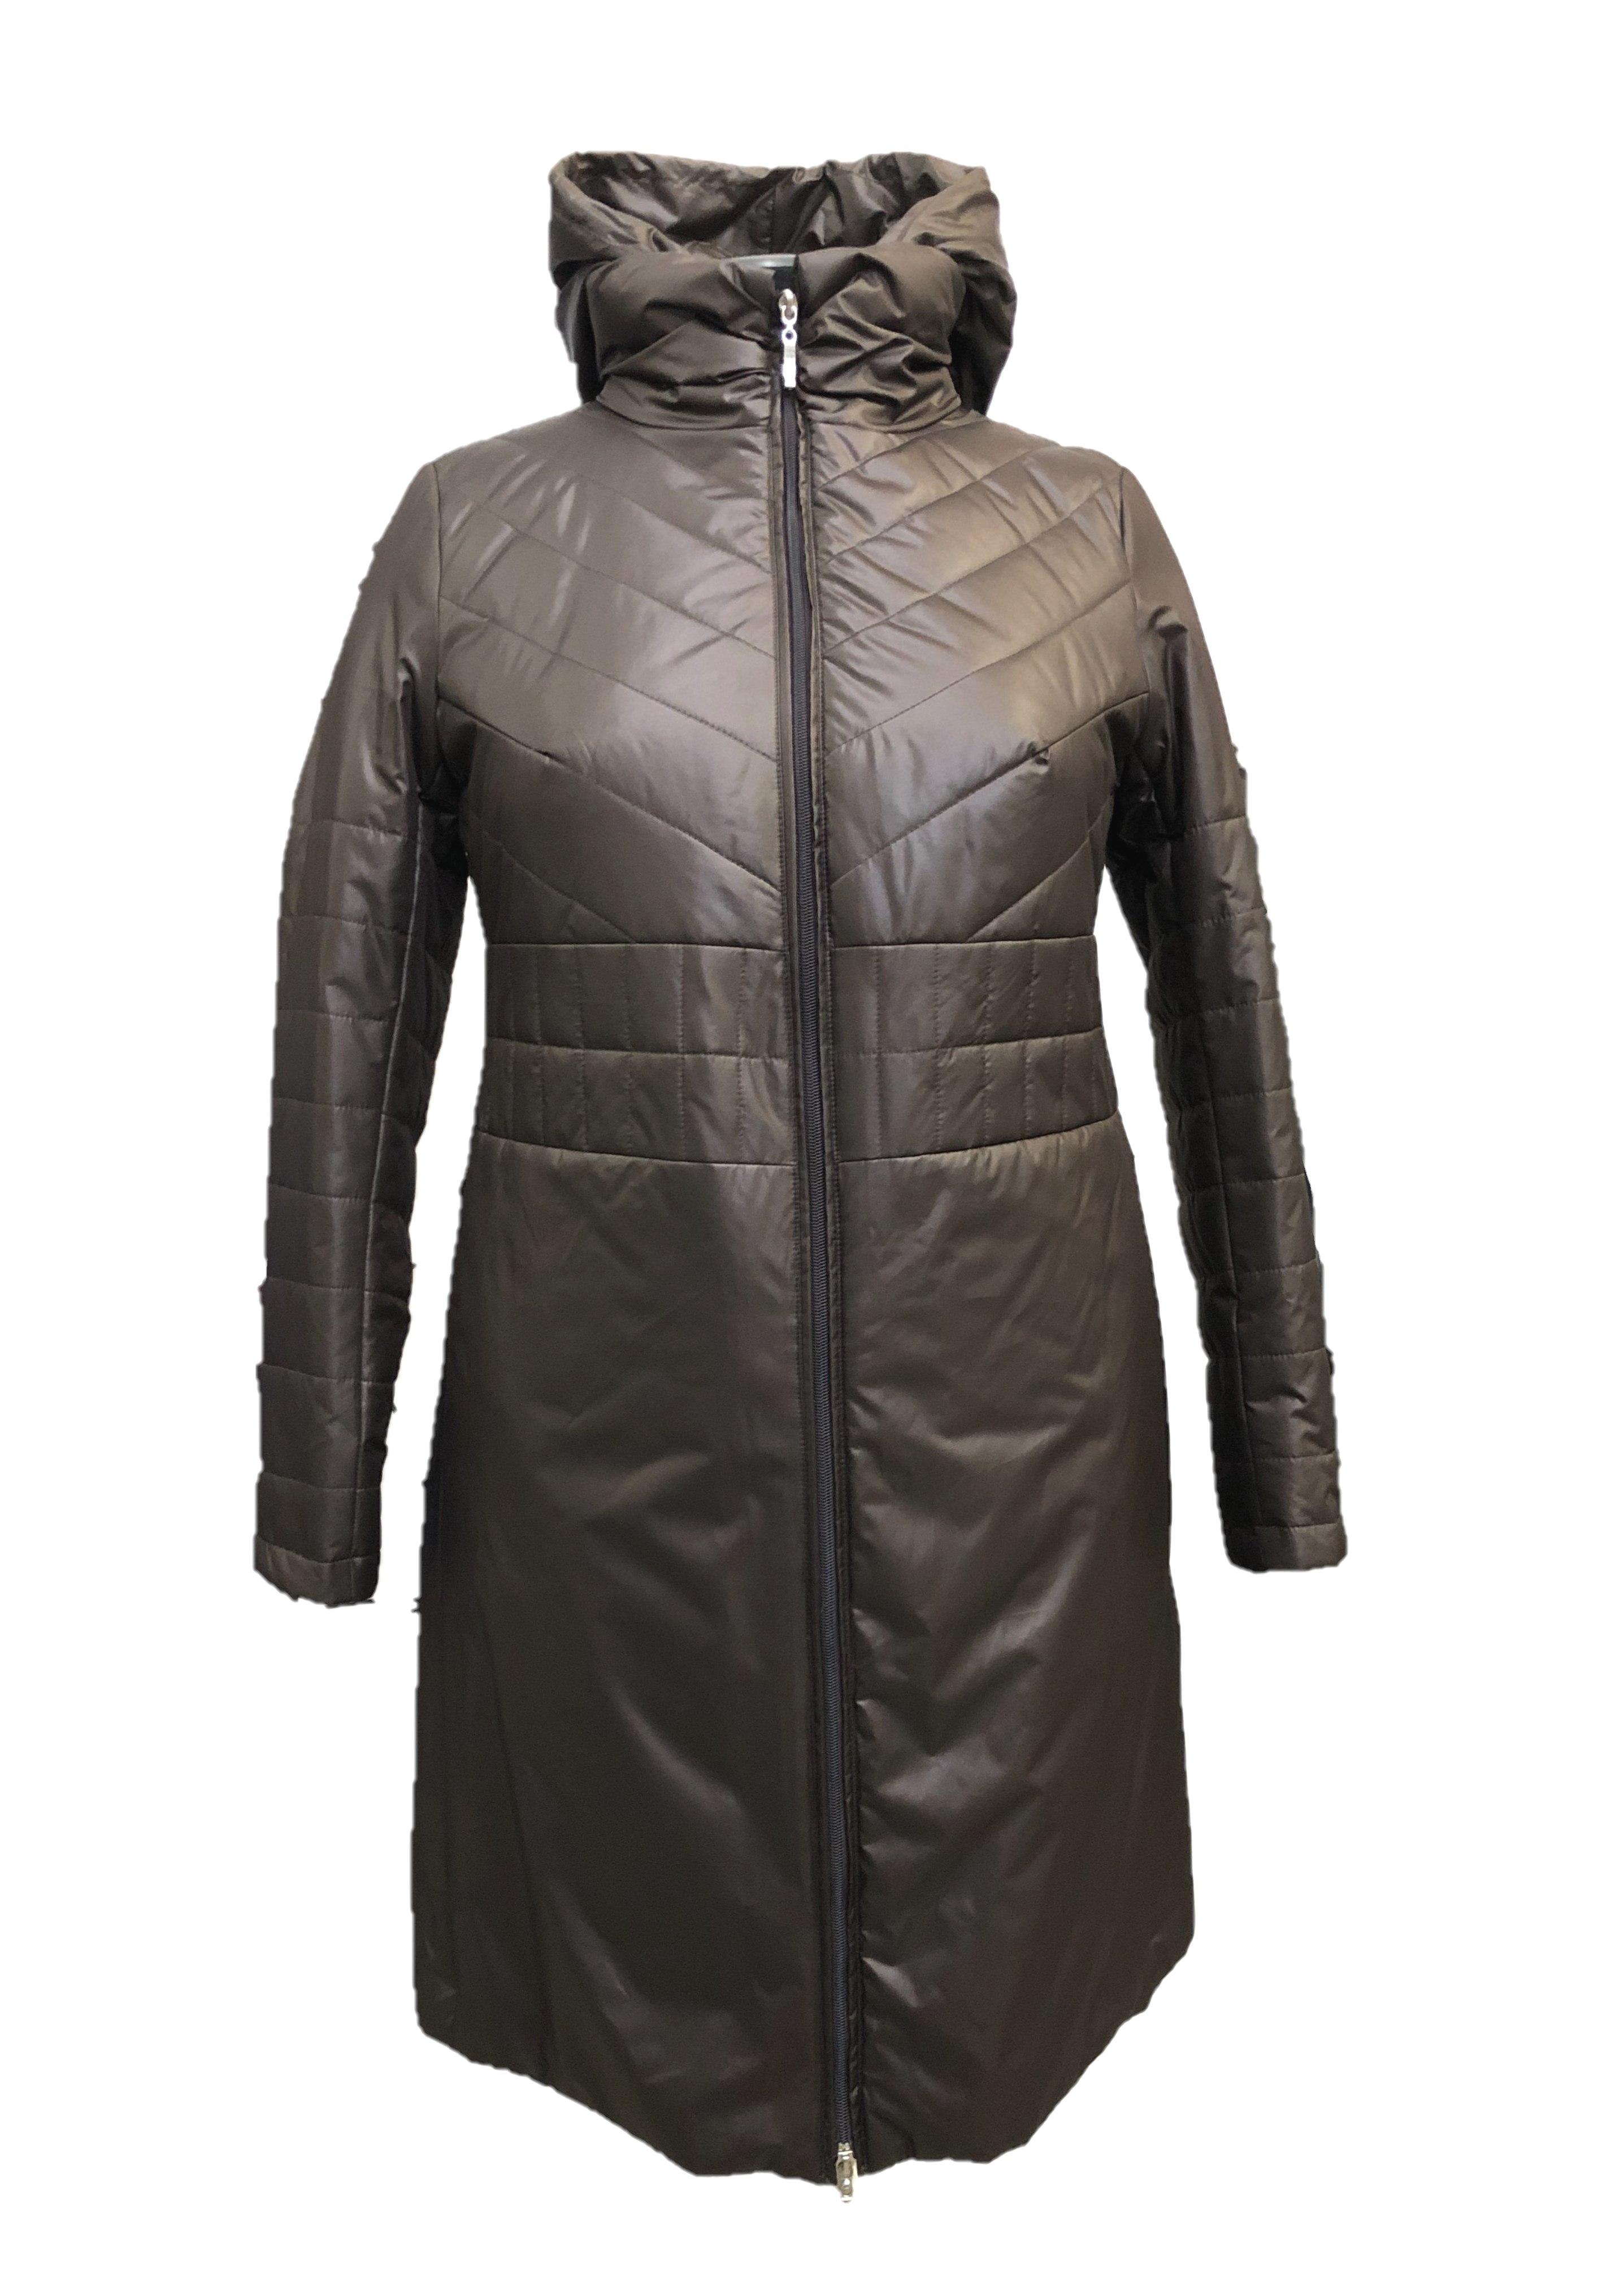 Пальто женское Pit.Gakoff Грета коричневое 46 RU